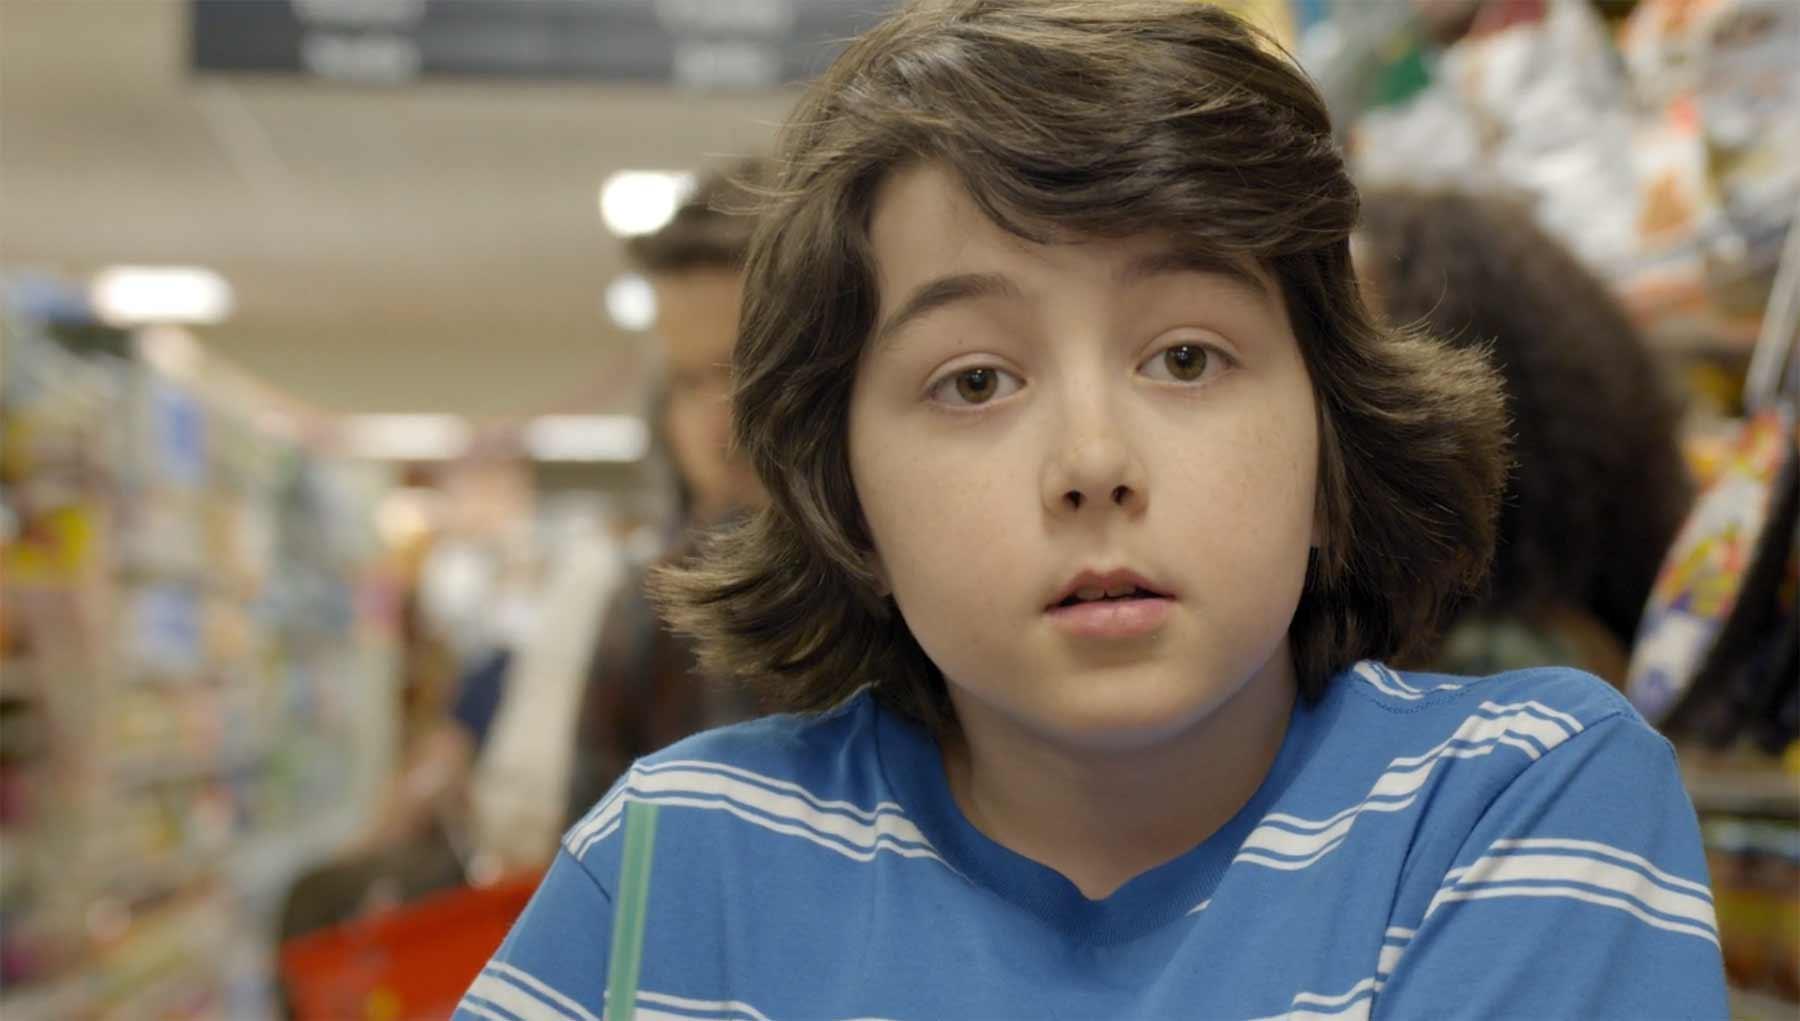 Die kindliche Fantasie beim Alleingelassenwerden an der Supermarktkasse